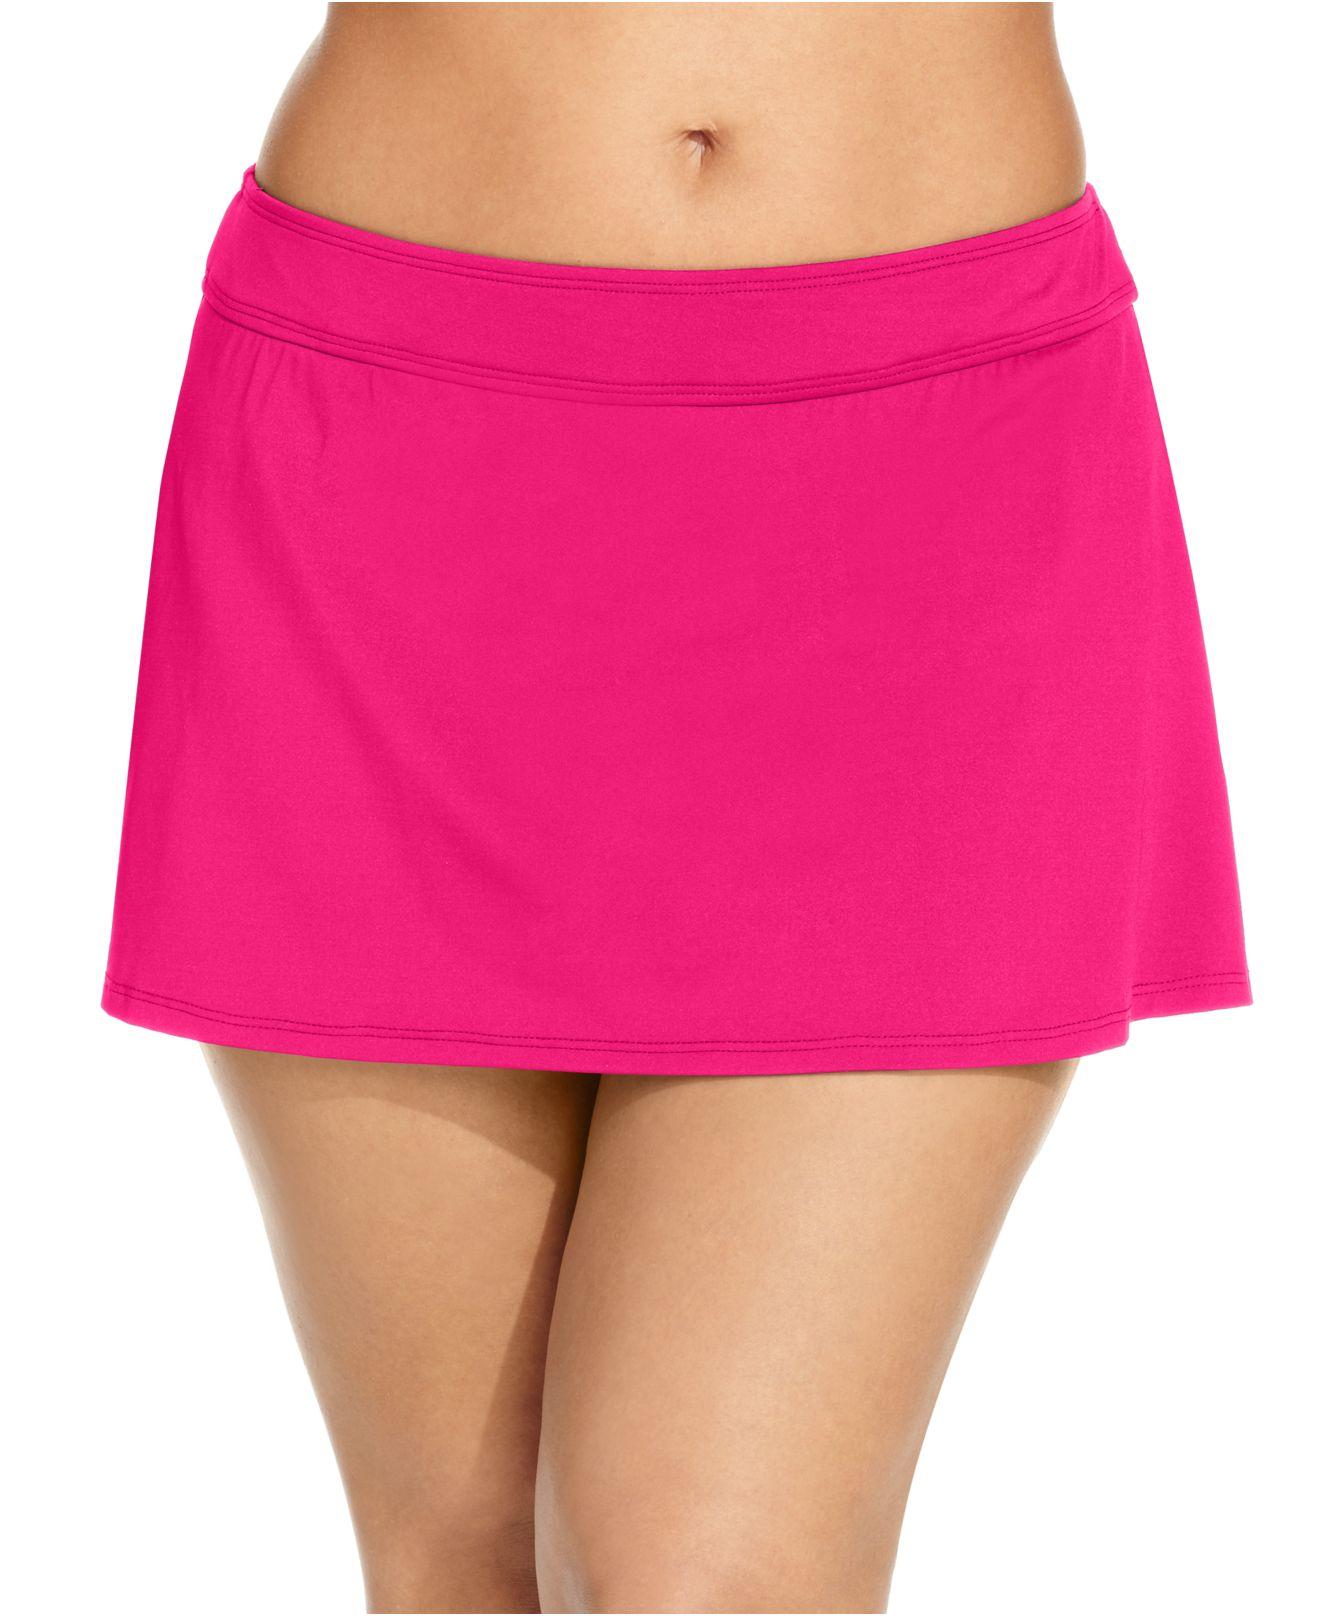 72a71aa5680f4 Lyst - Anne Cole Plus Size Swim Skirt in Purple